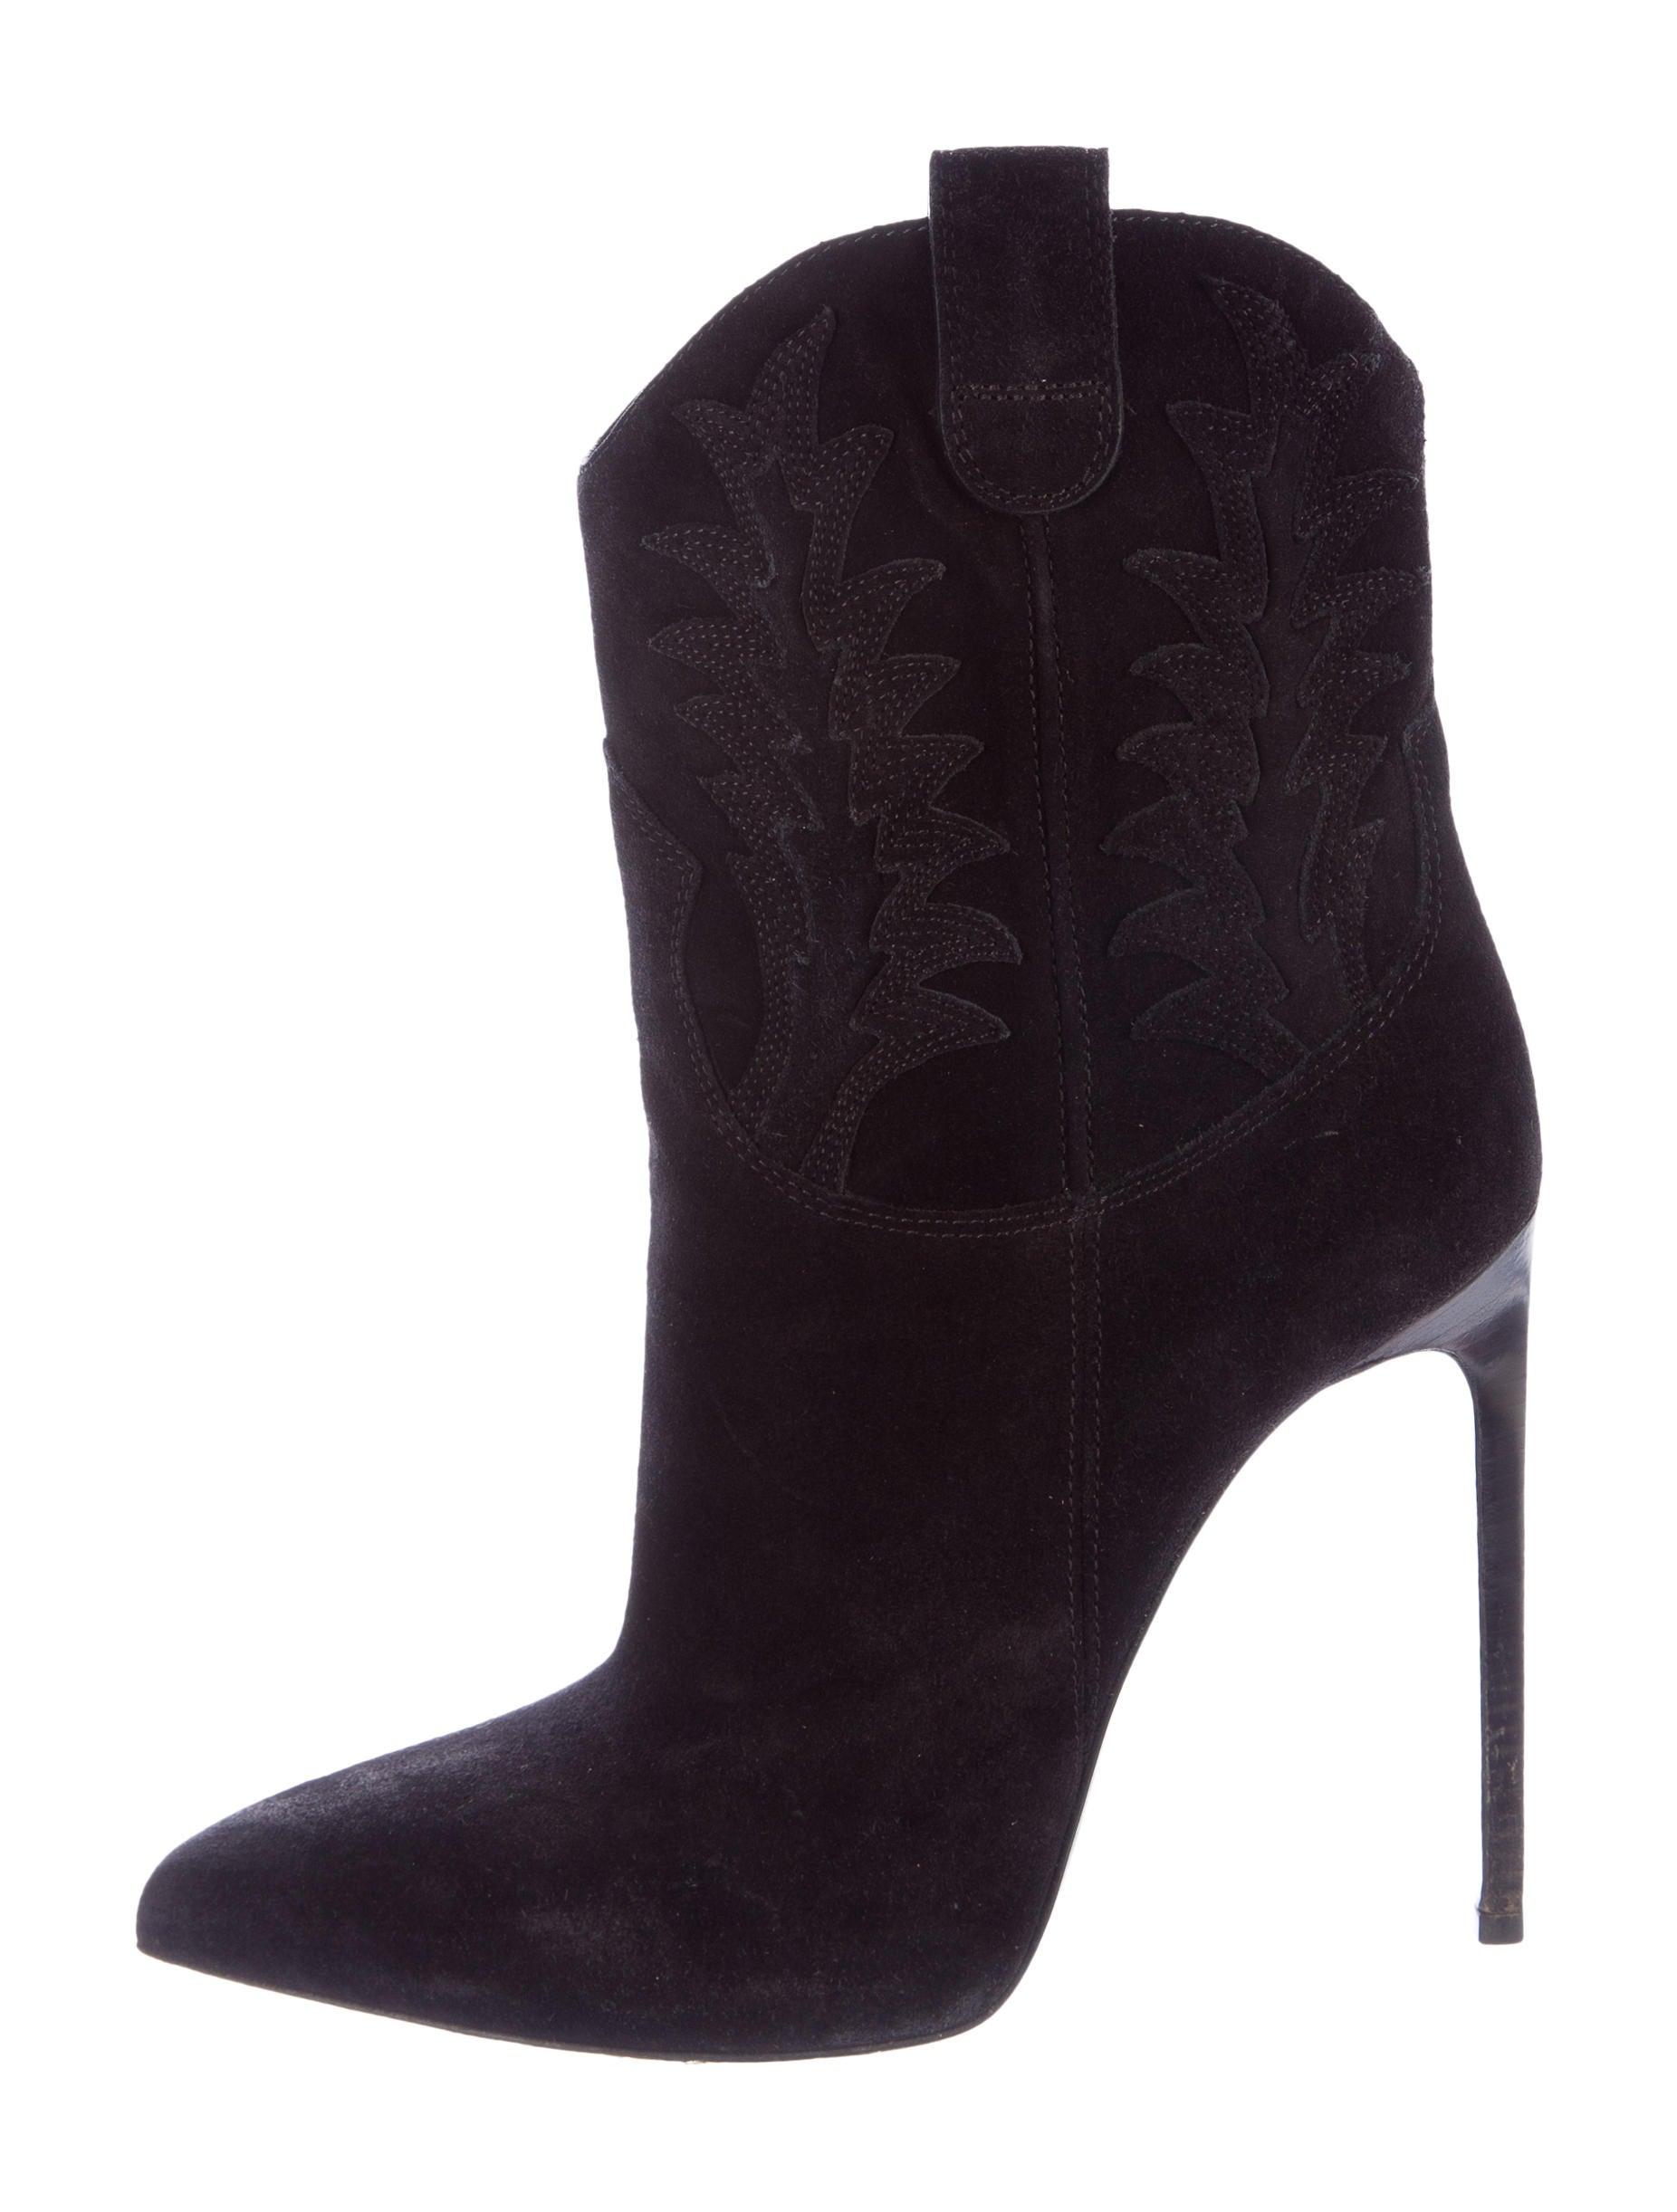 Saint Laurent Cowboy Suede Pointed Toe Boots Shoes